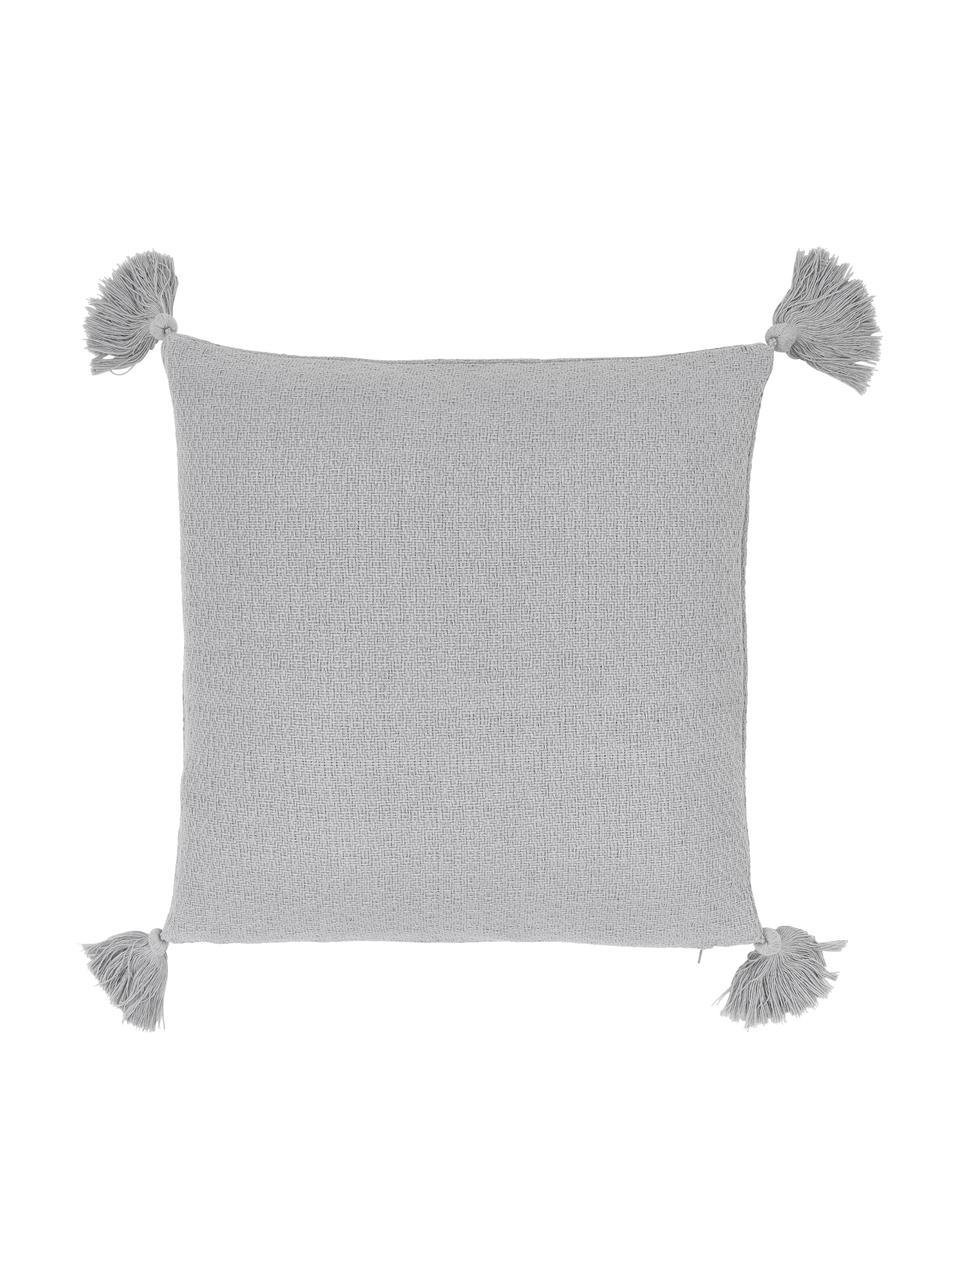 Poszewka na poduszkę z chwostami Lori, 100% bawełna, Szary, S 40 x D 40 cm